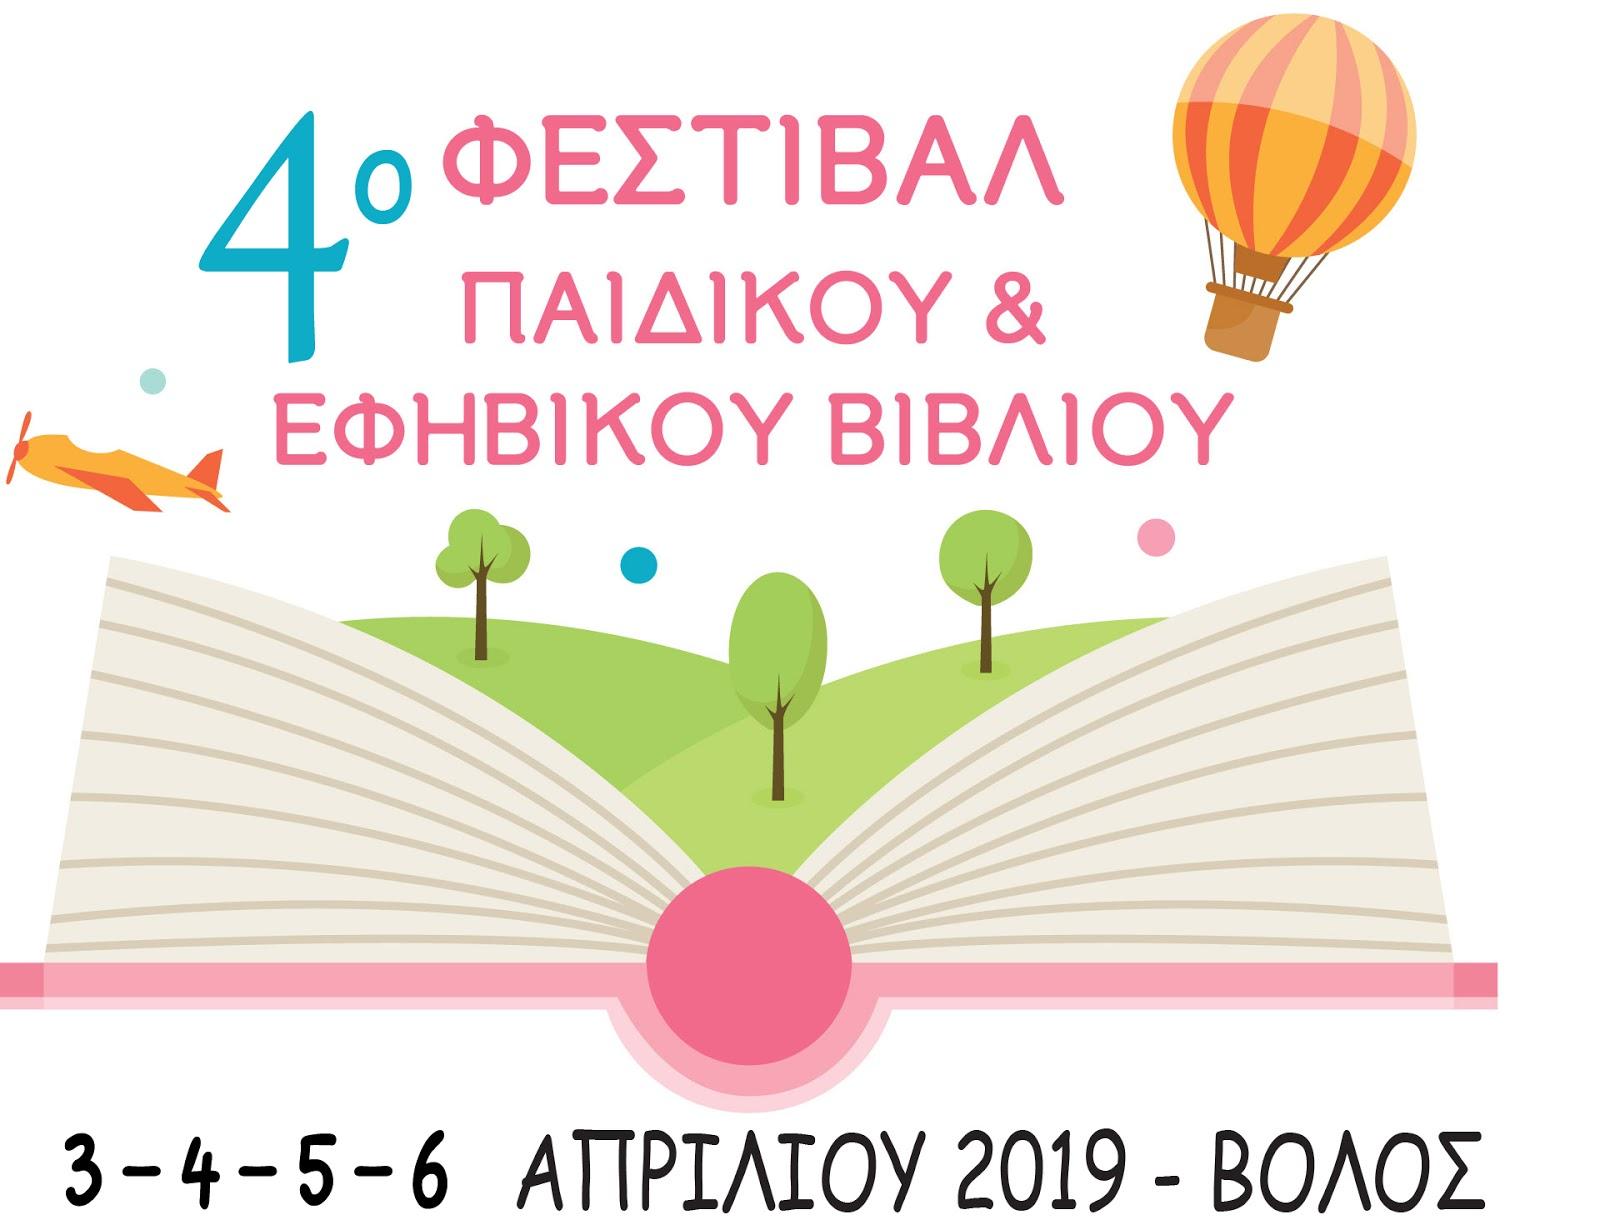 Στην τελική ευθεία το φεστιβάλ παιδικού και εφηβικού βιβλίου